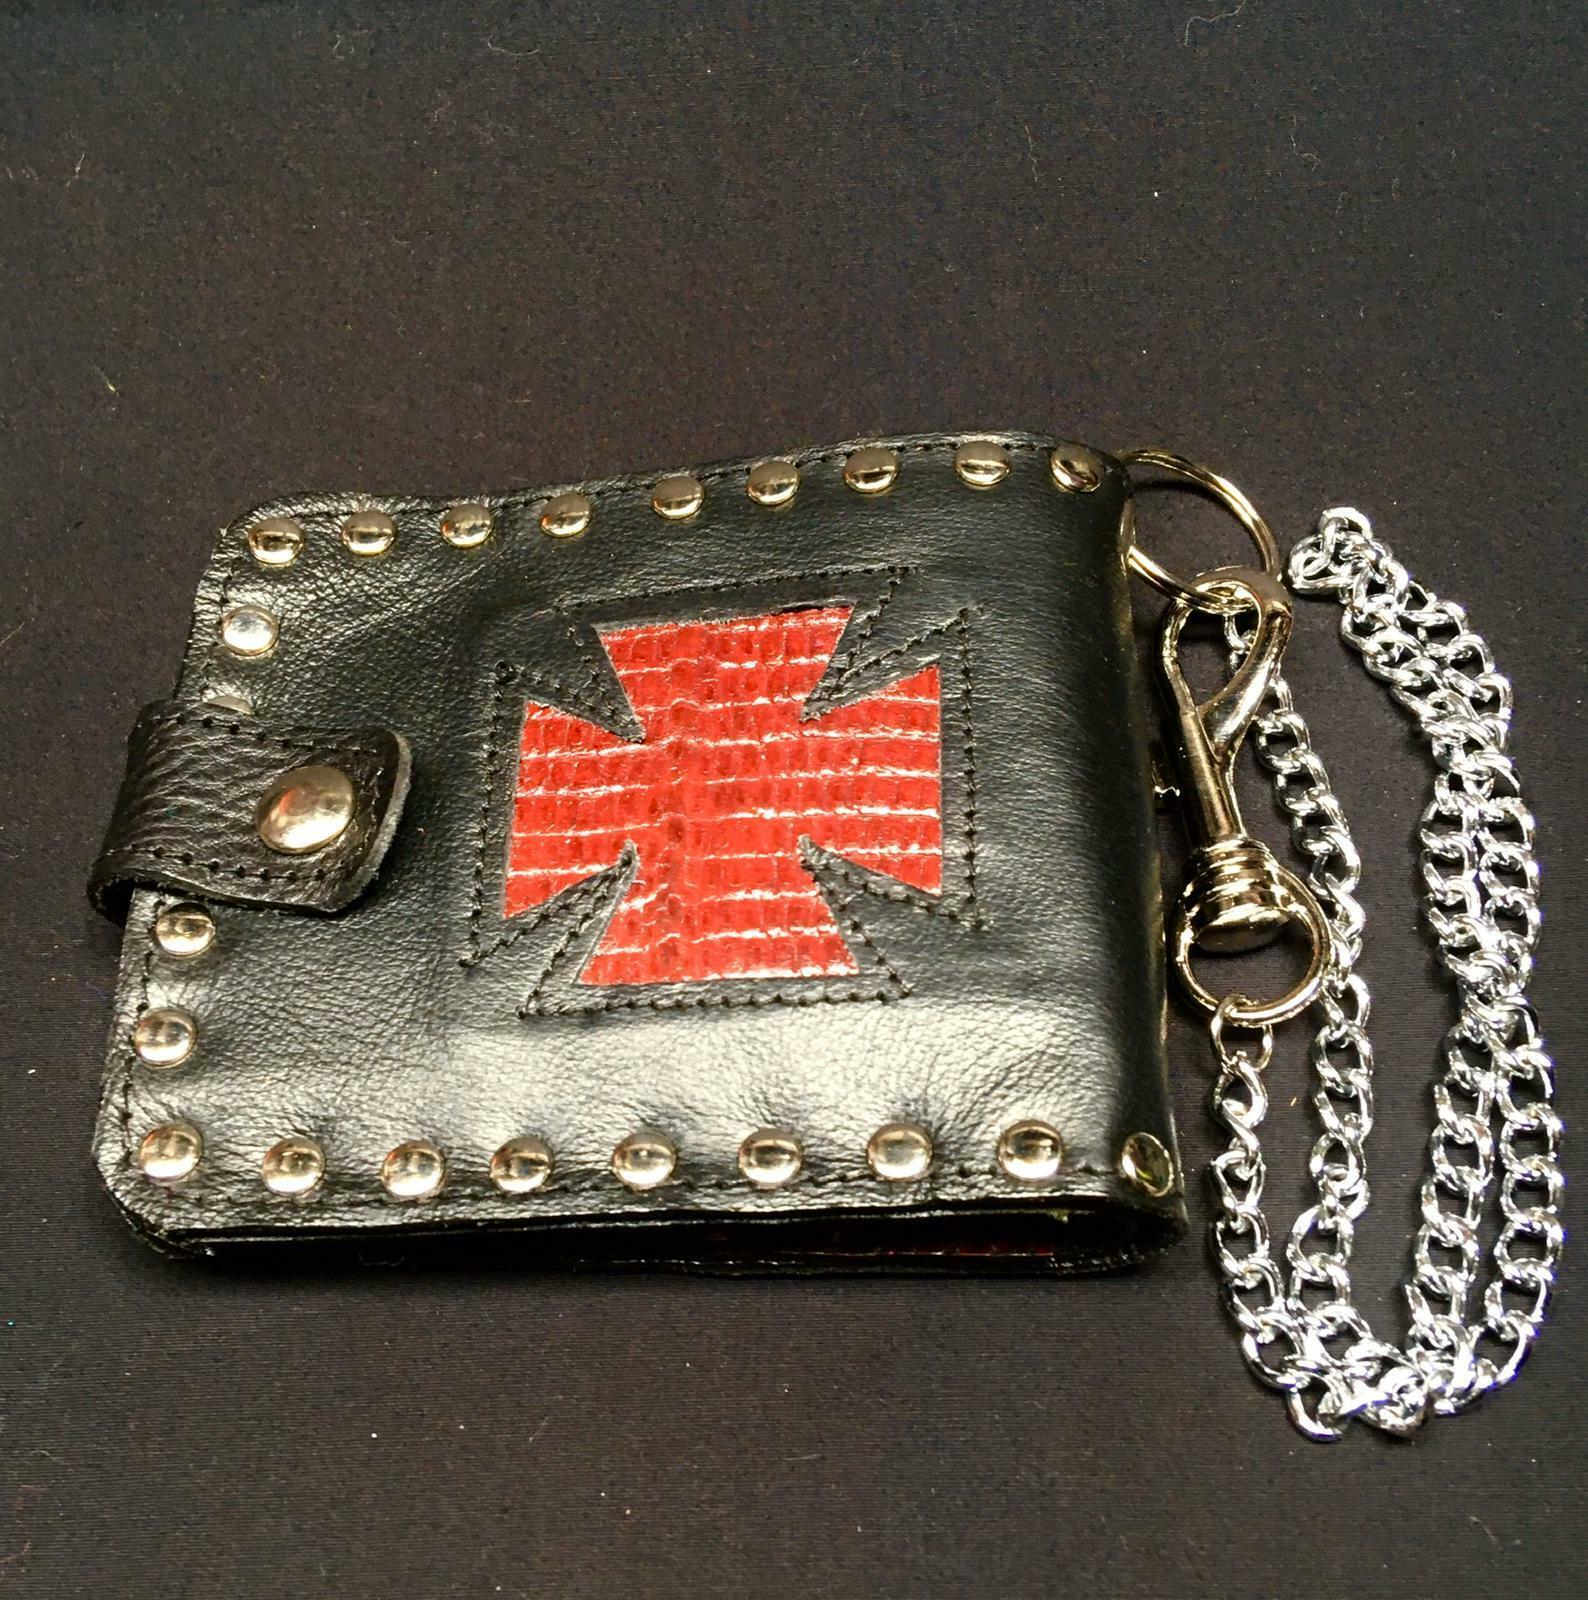 Iron Cross Genuine Lizard Skin Leather Bi-fold Wallet Key Belt Chain Biker